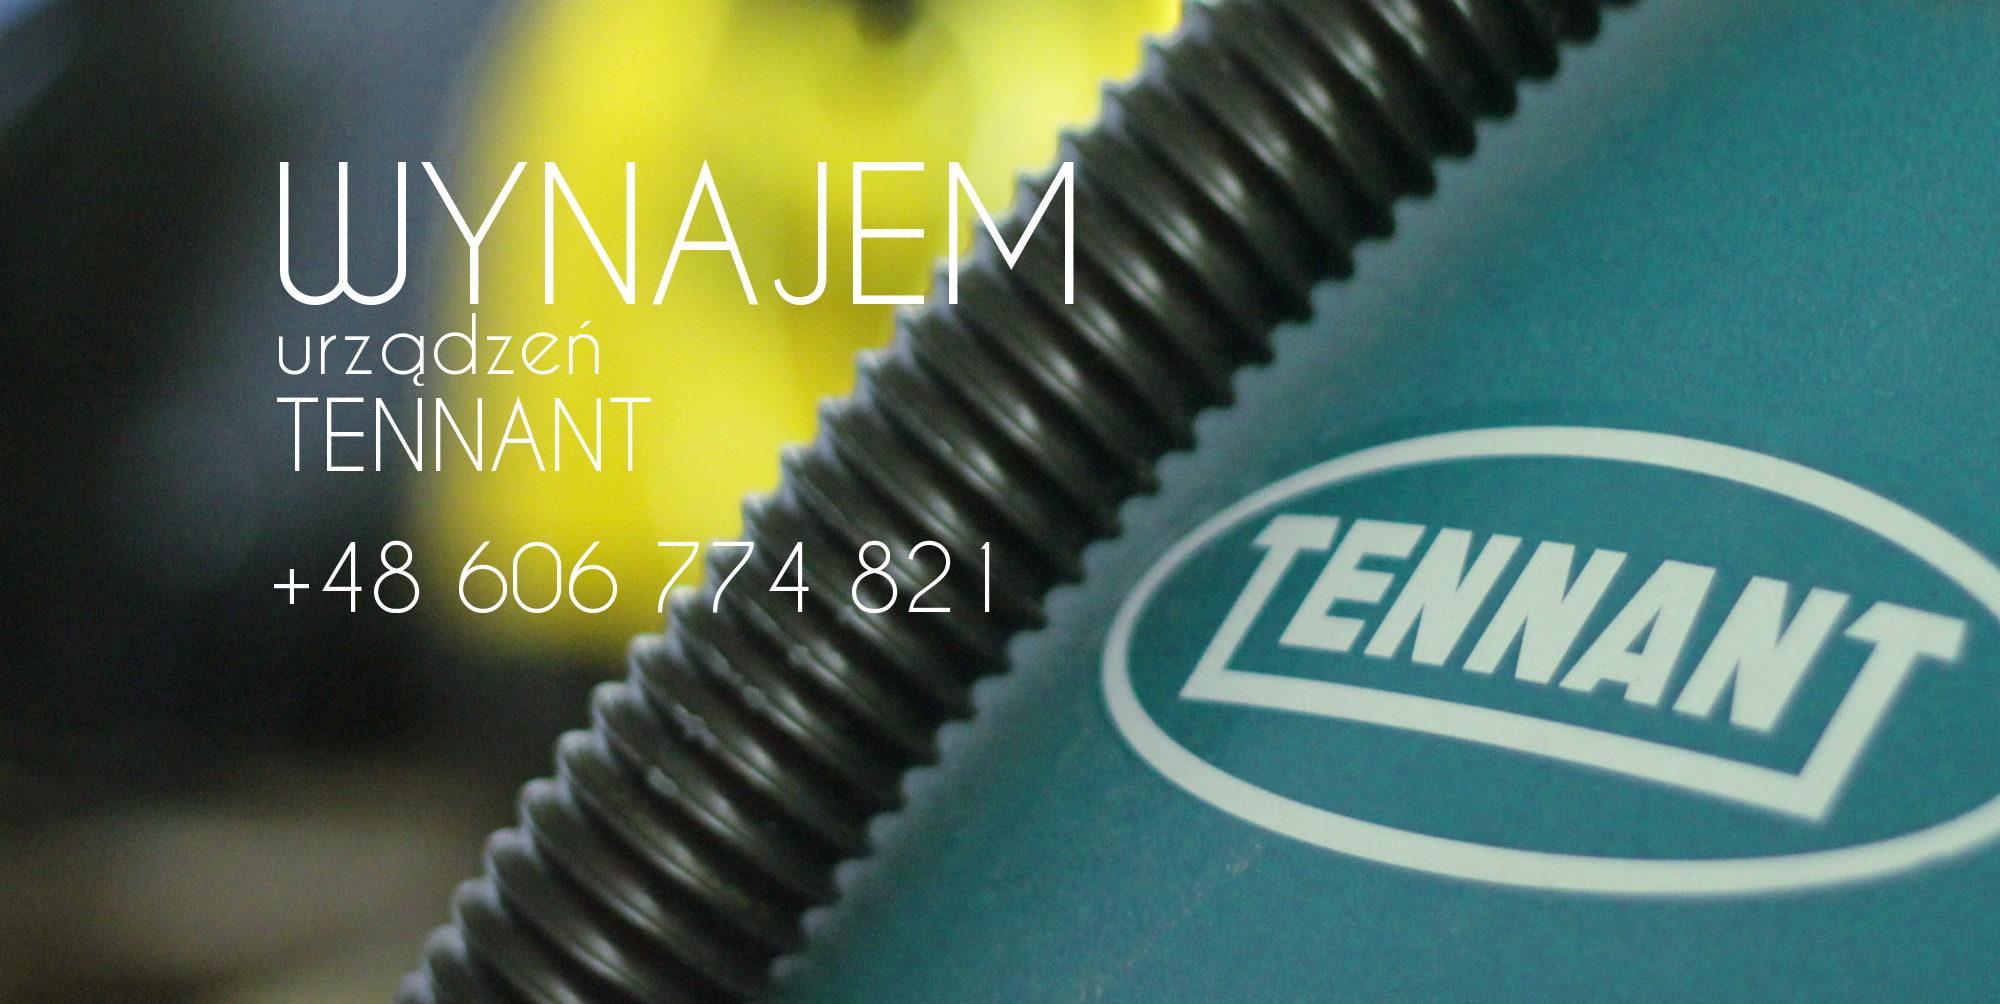 TENNANT - urządzenia czyszczące - wynajem, sprzedaż